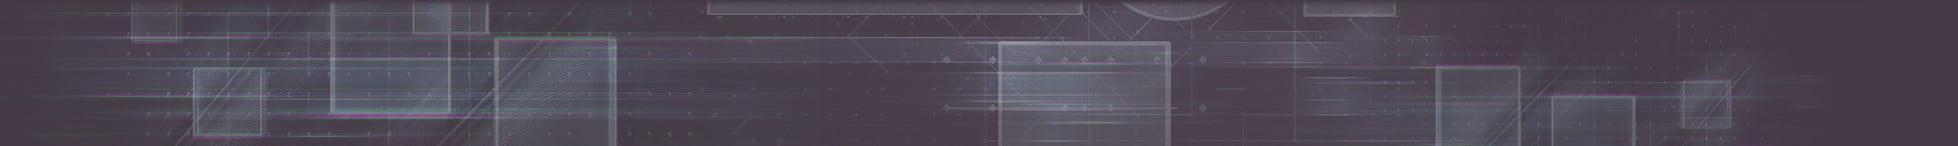 An Inscrutable Amygdaloid Eigenstate - Destiny 2 Legendary Emblem